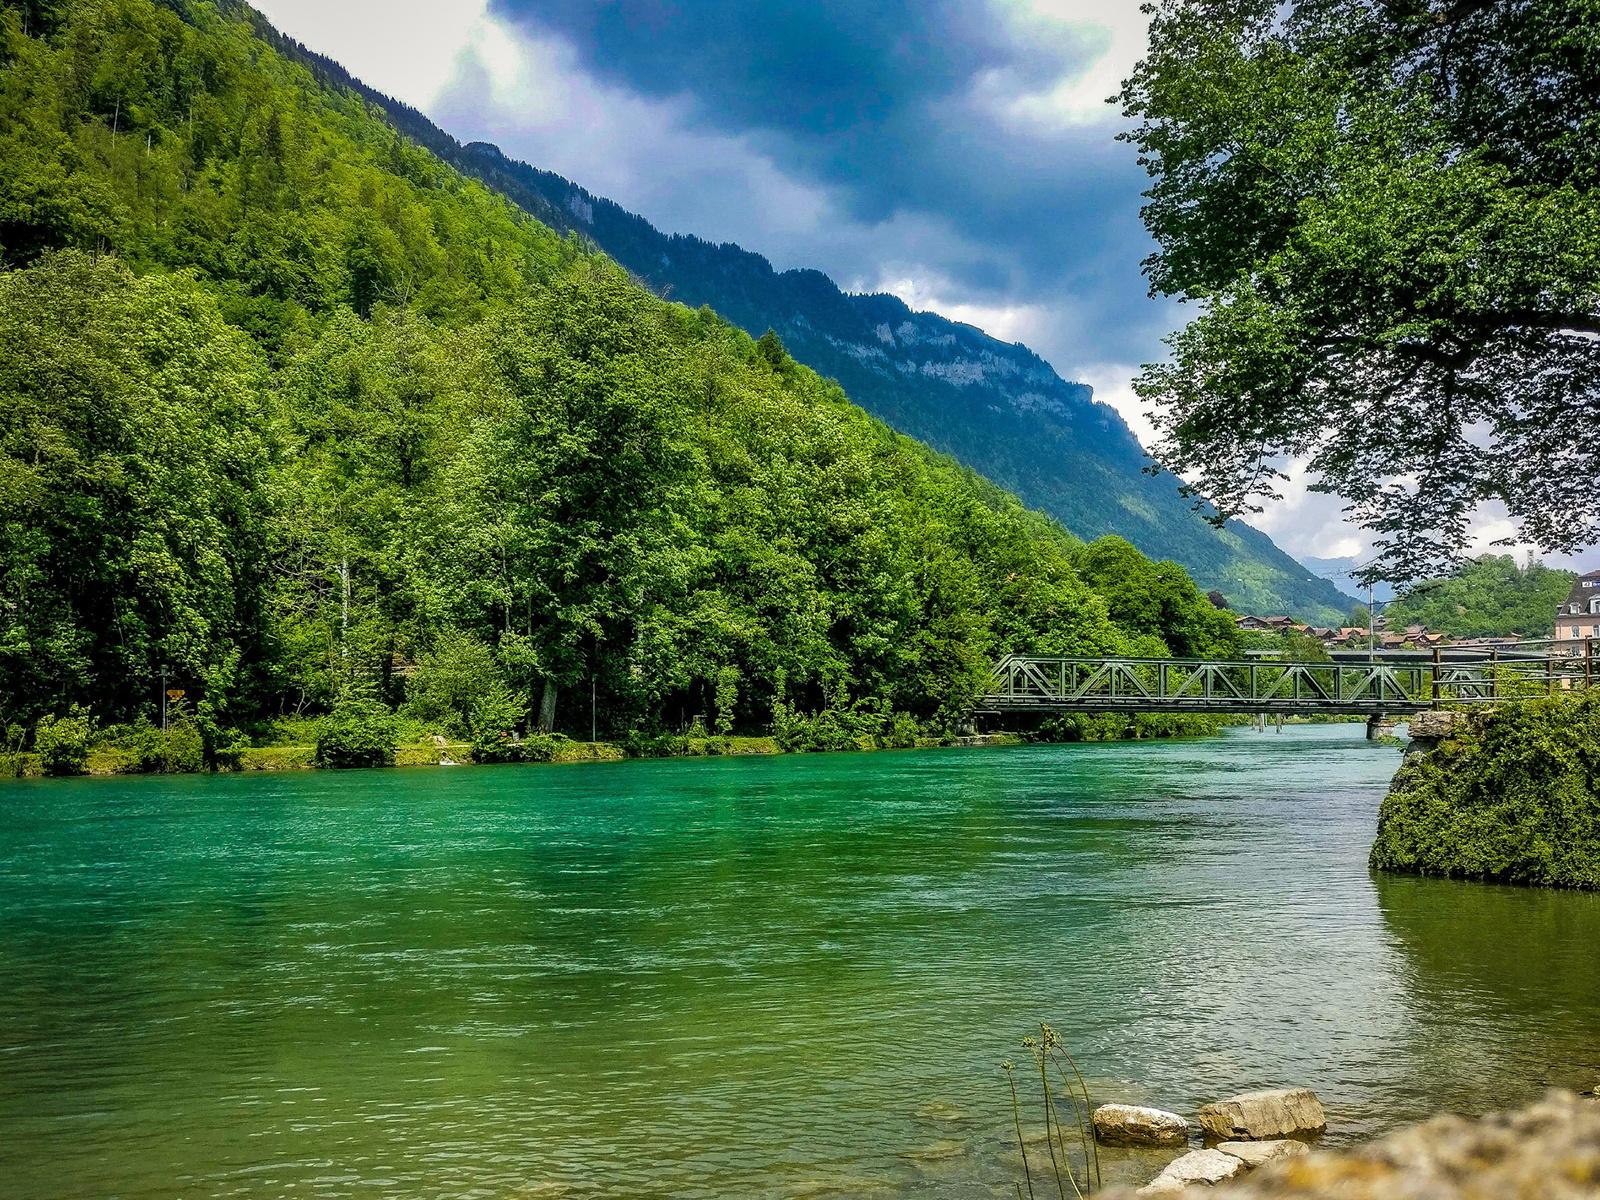 швейцария, озеро, горы, лес, мост, природа